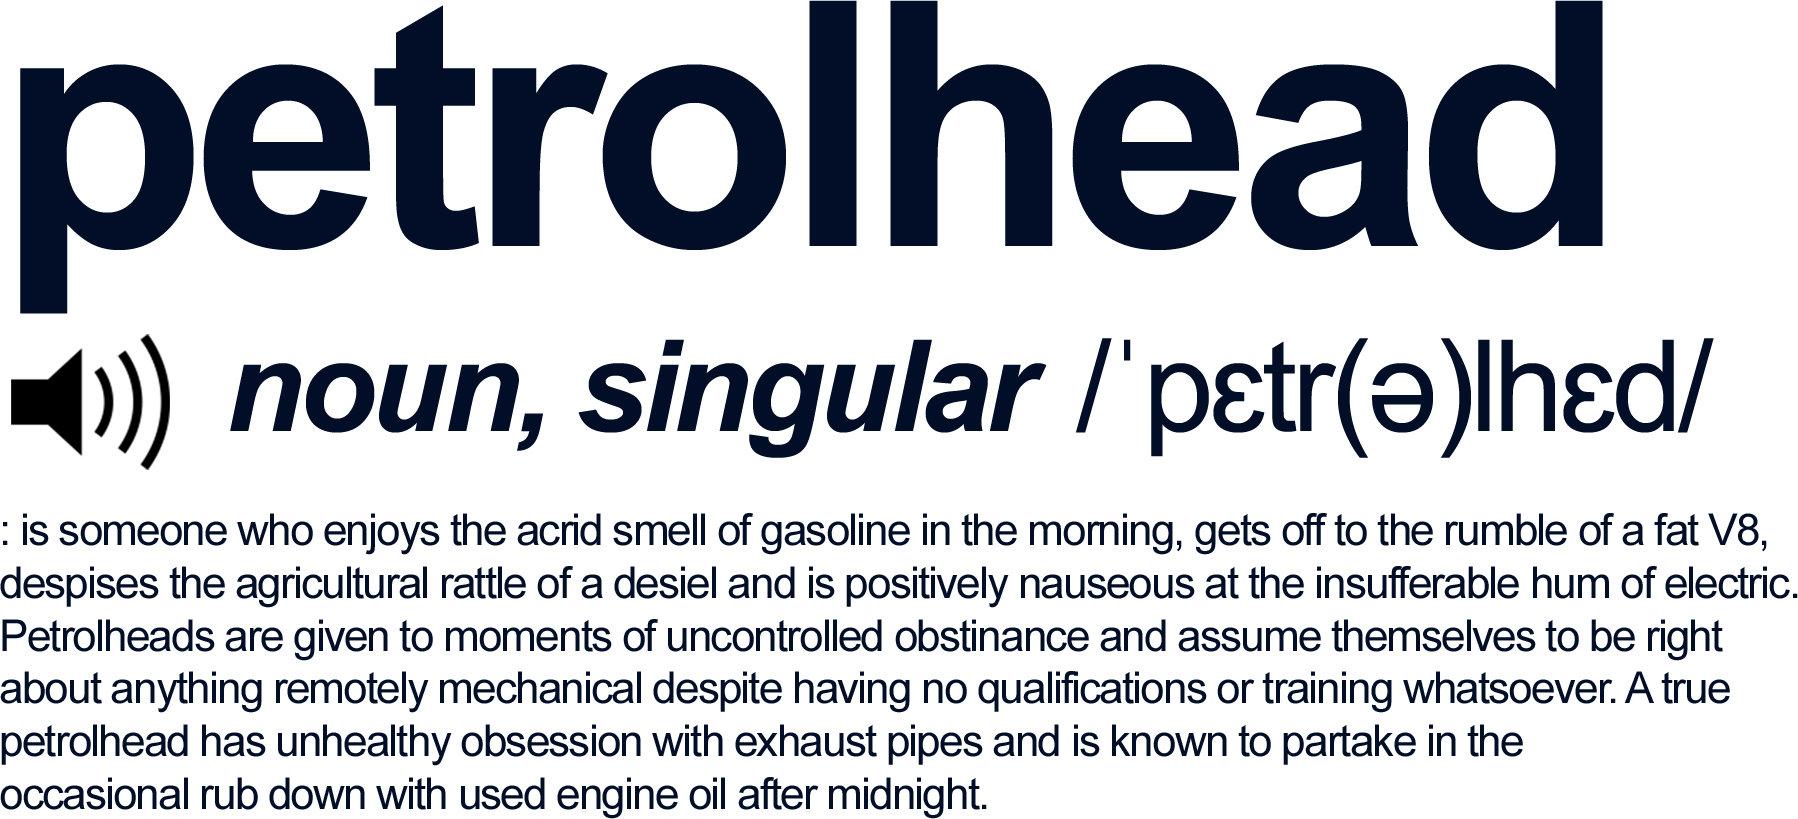 Petrolhead Definition